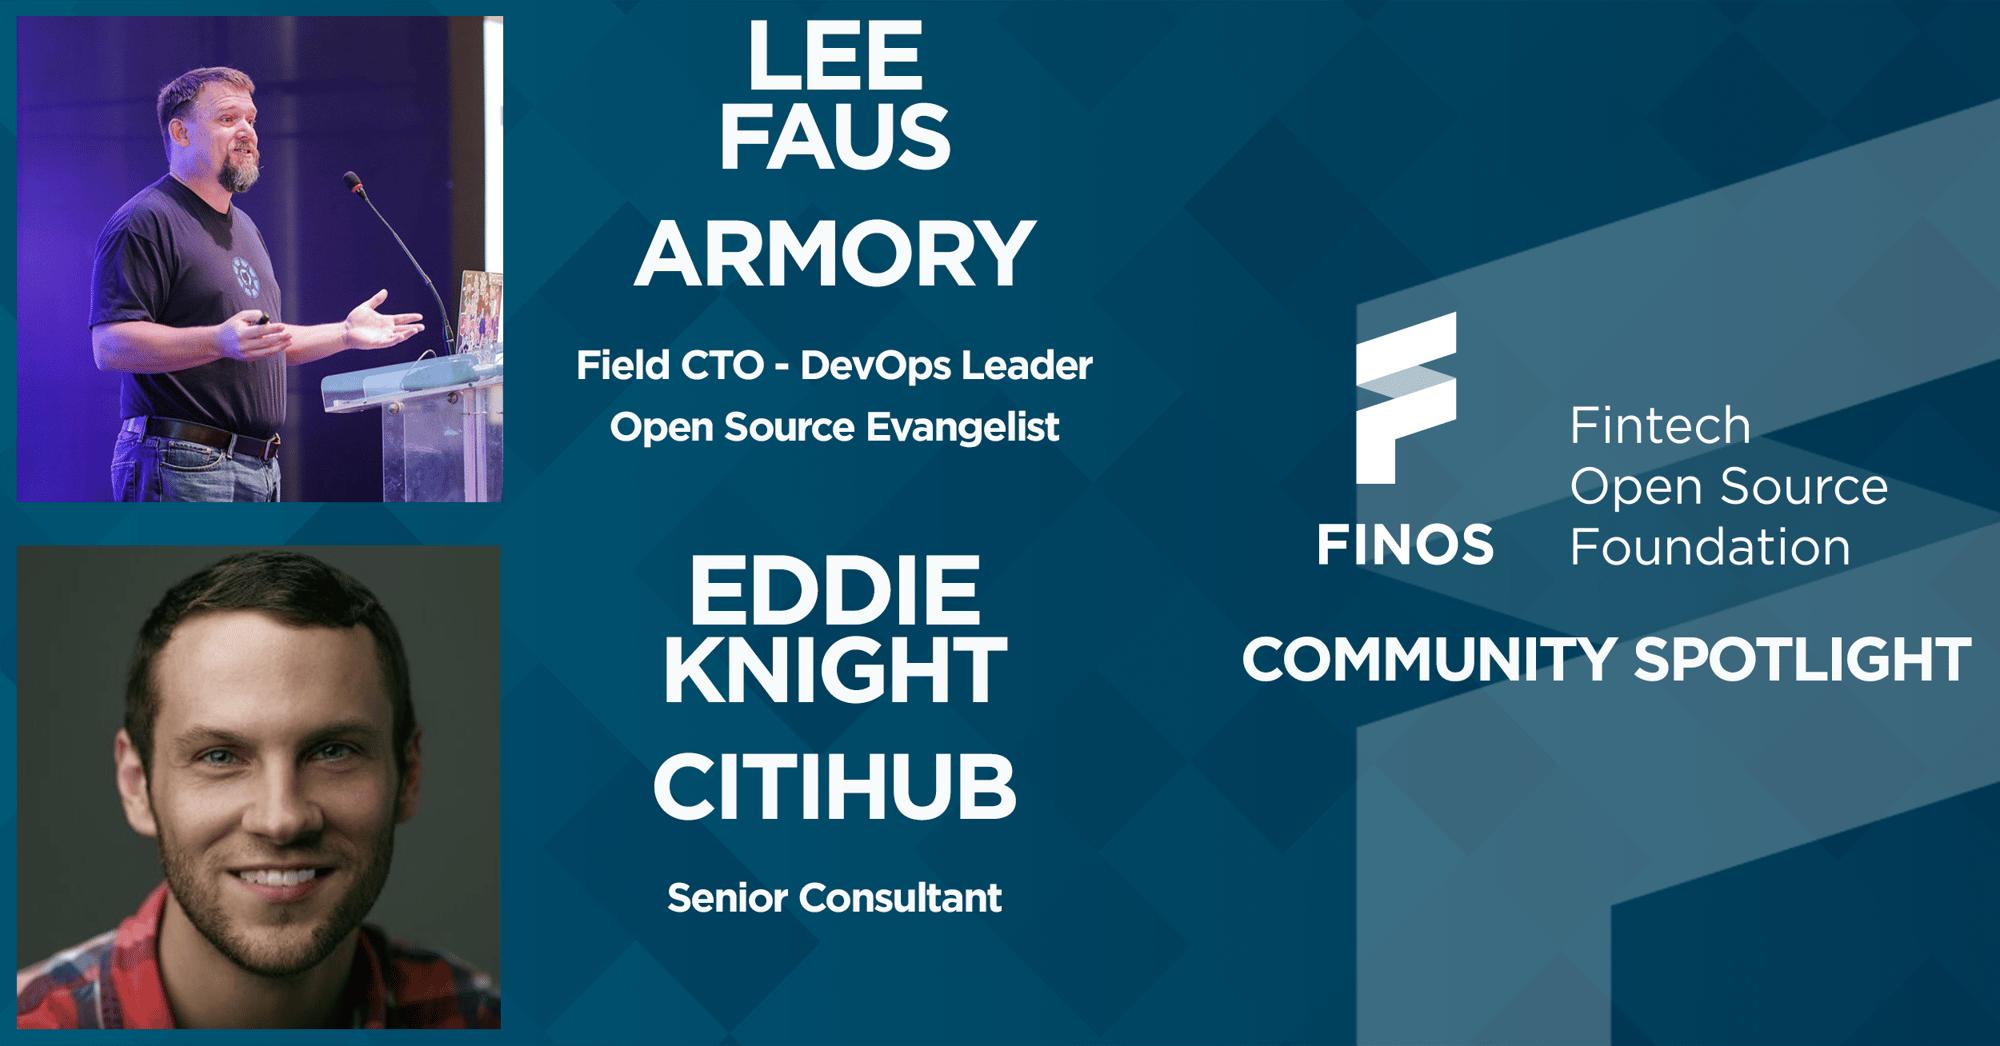 FINOS-community-spotlight-lee-faus-eddie-knight